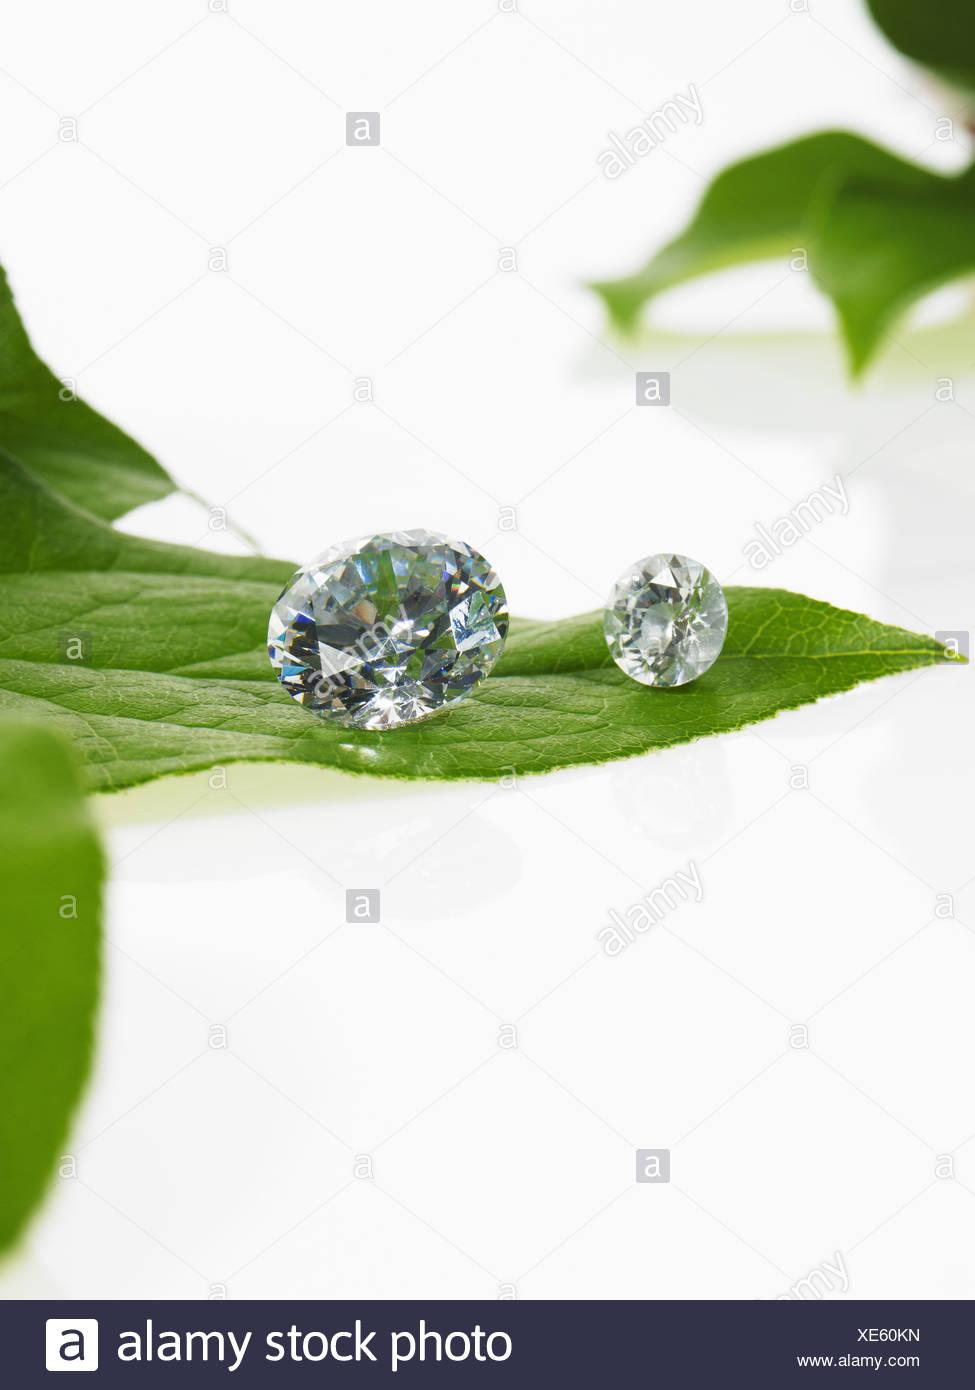 Ein einzelnes Blatt mit Adern, und eine kleine klare Glaskugel oder Objekte mit Facetten, die Licht reflektieren. Stockbild